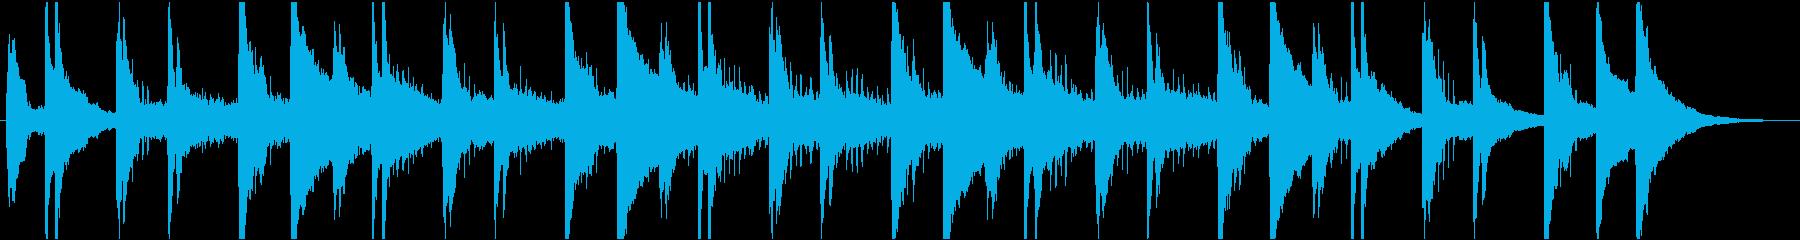 穏やかなピアノ・エレクトリックの再生済みの波形